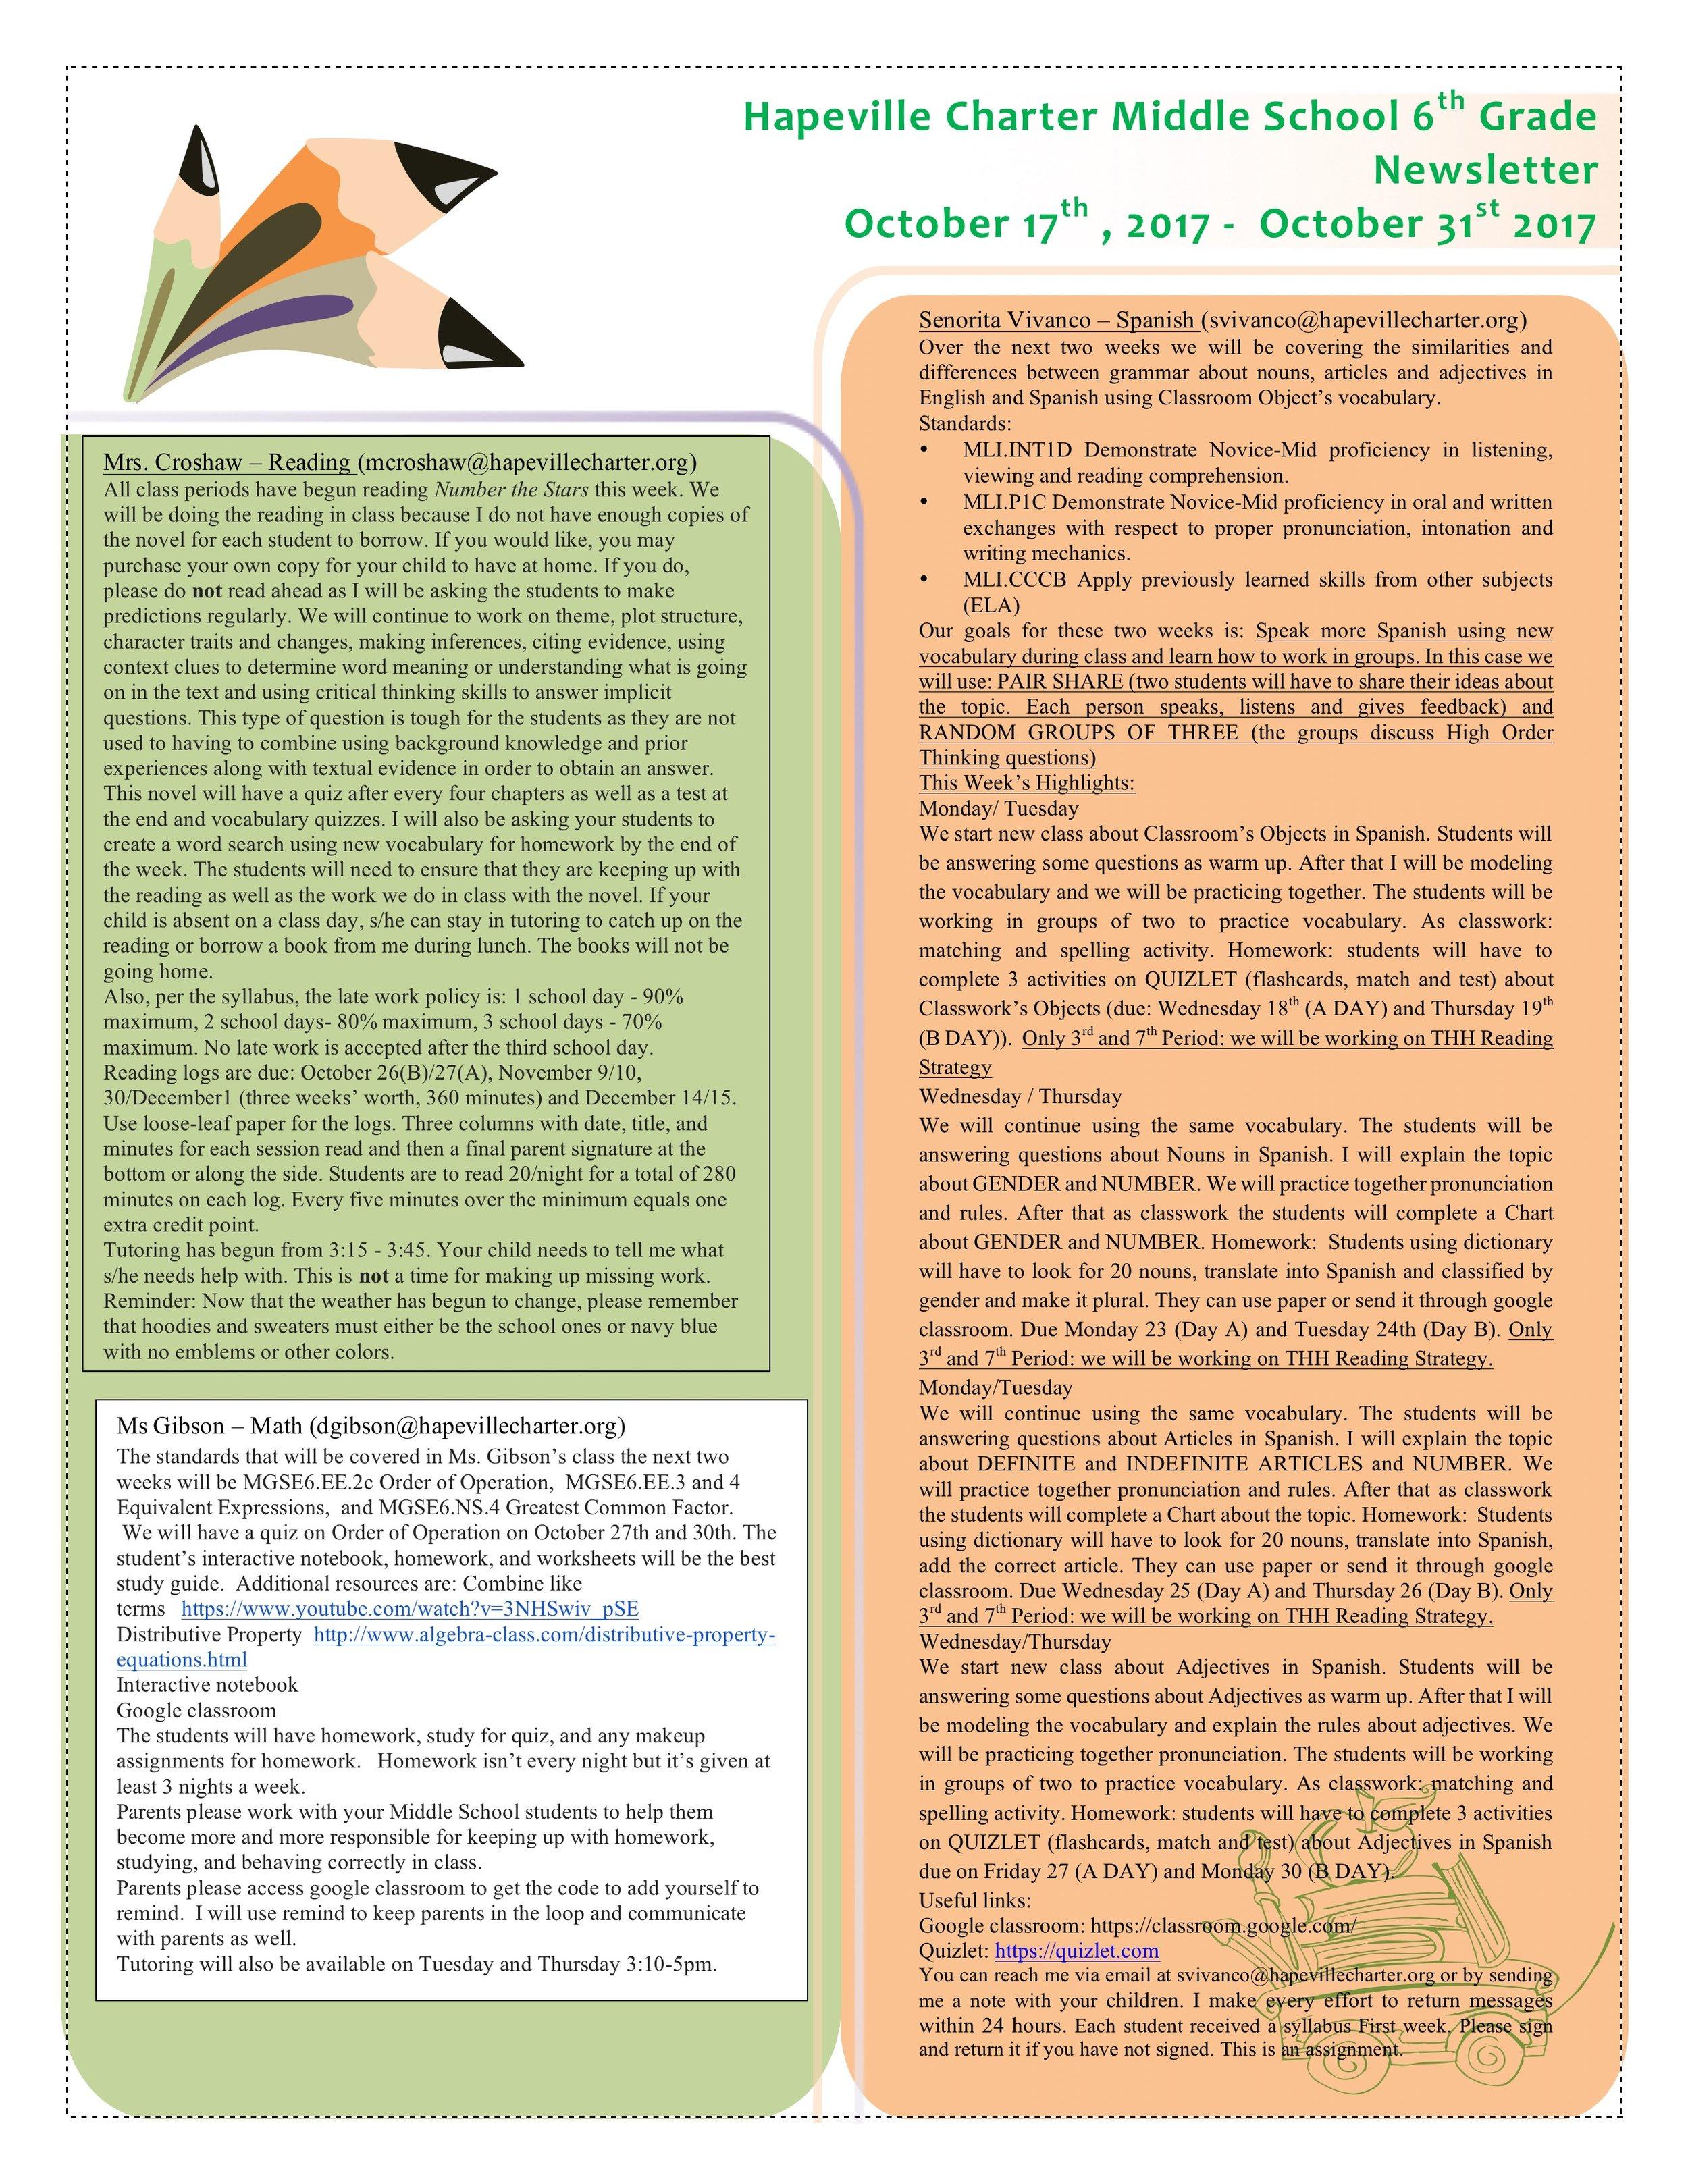 6th Grade Newsletter -